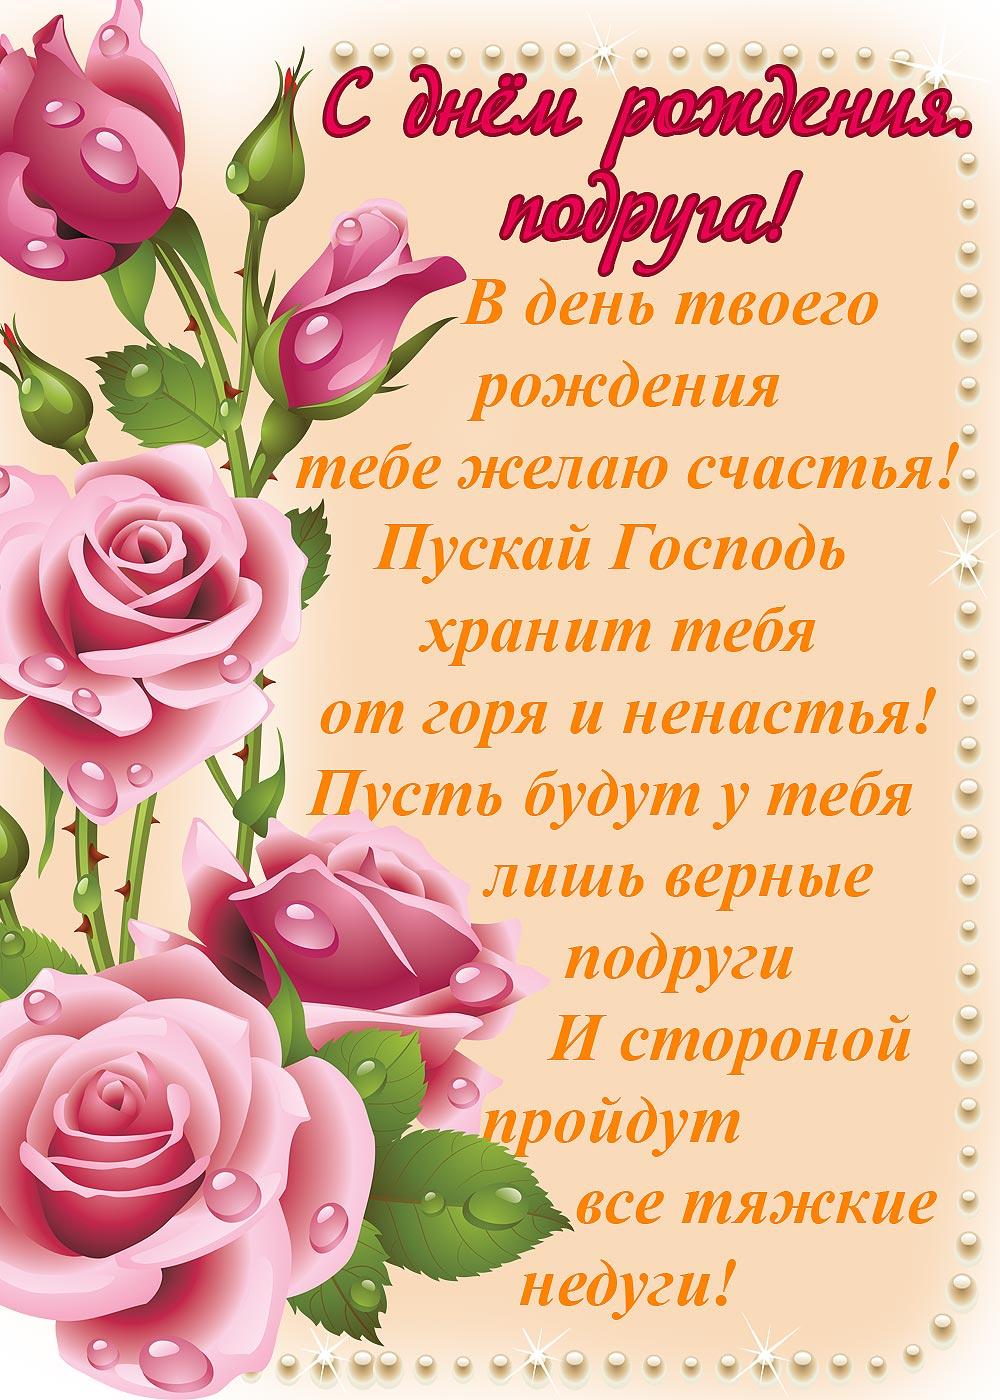 открытка с днем рождения подруге фото картинки